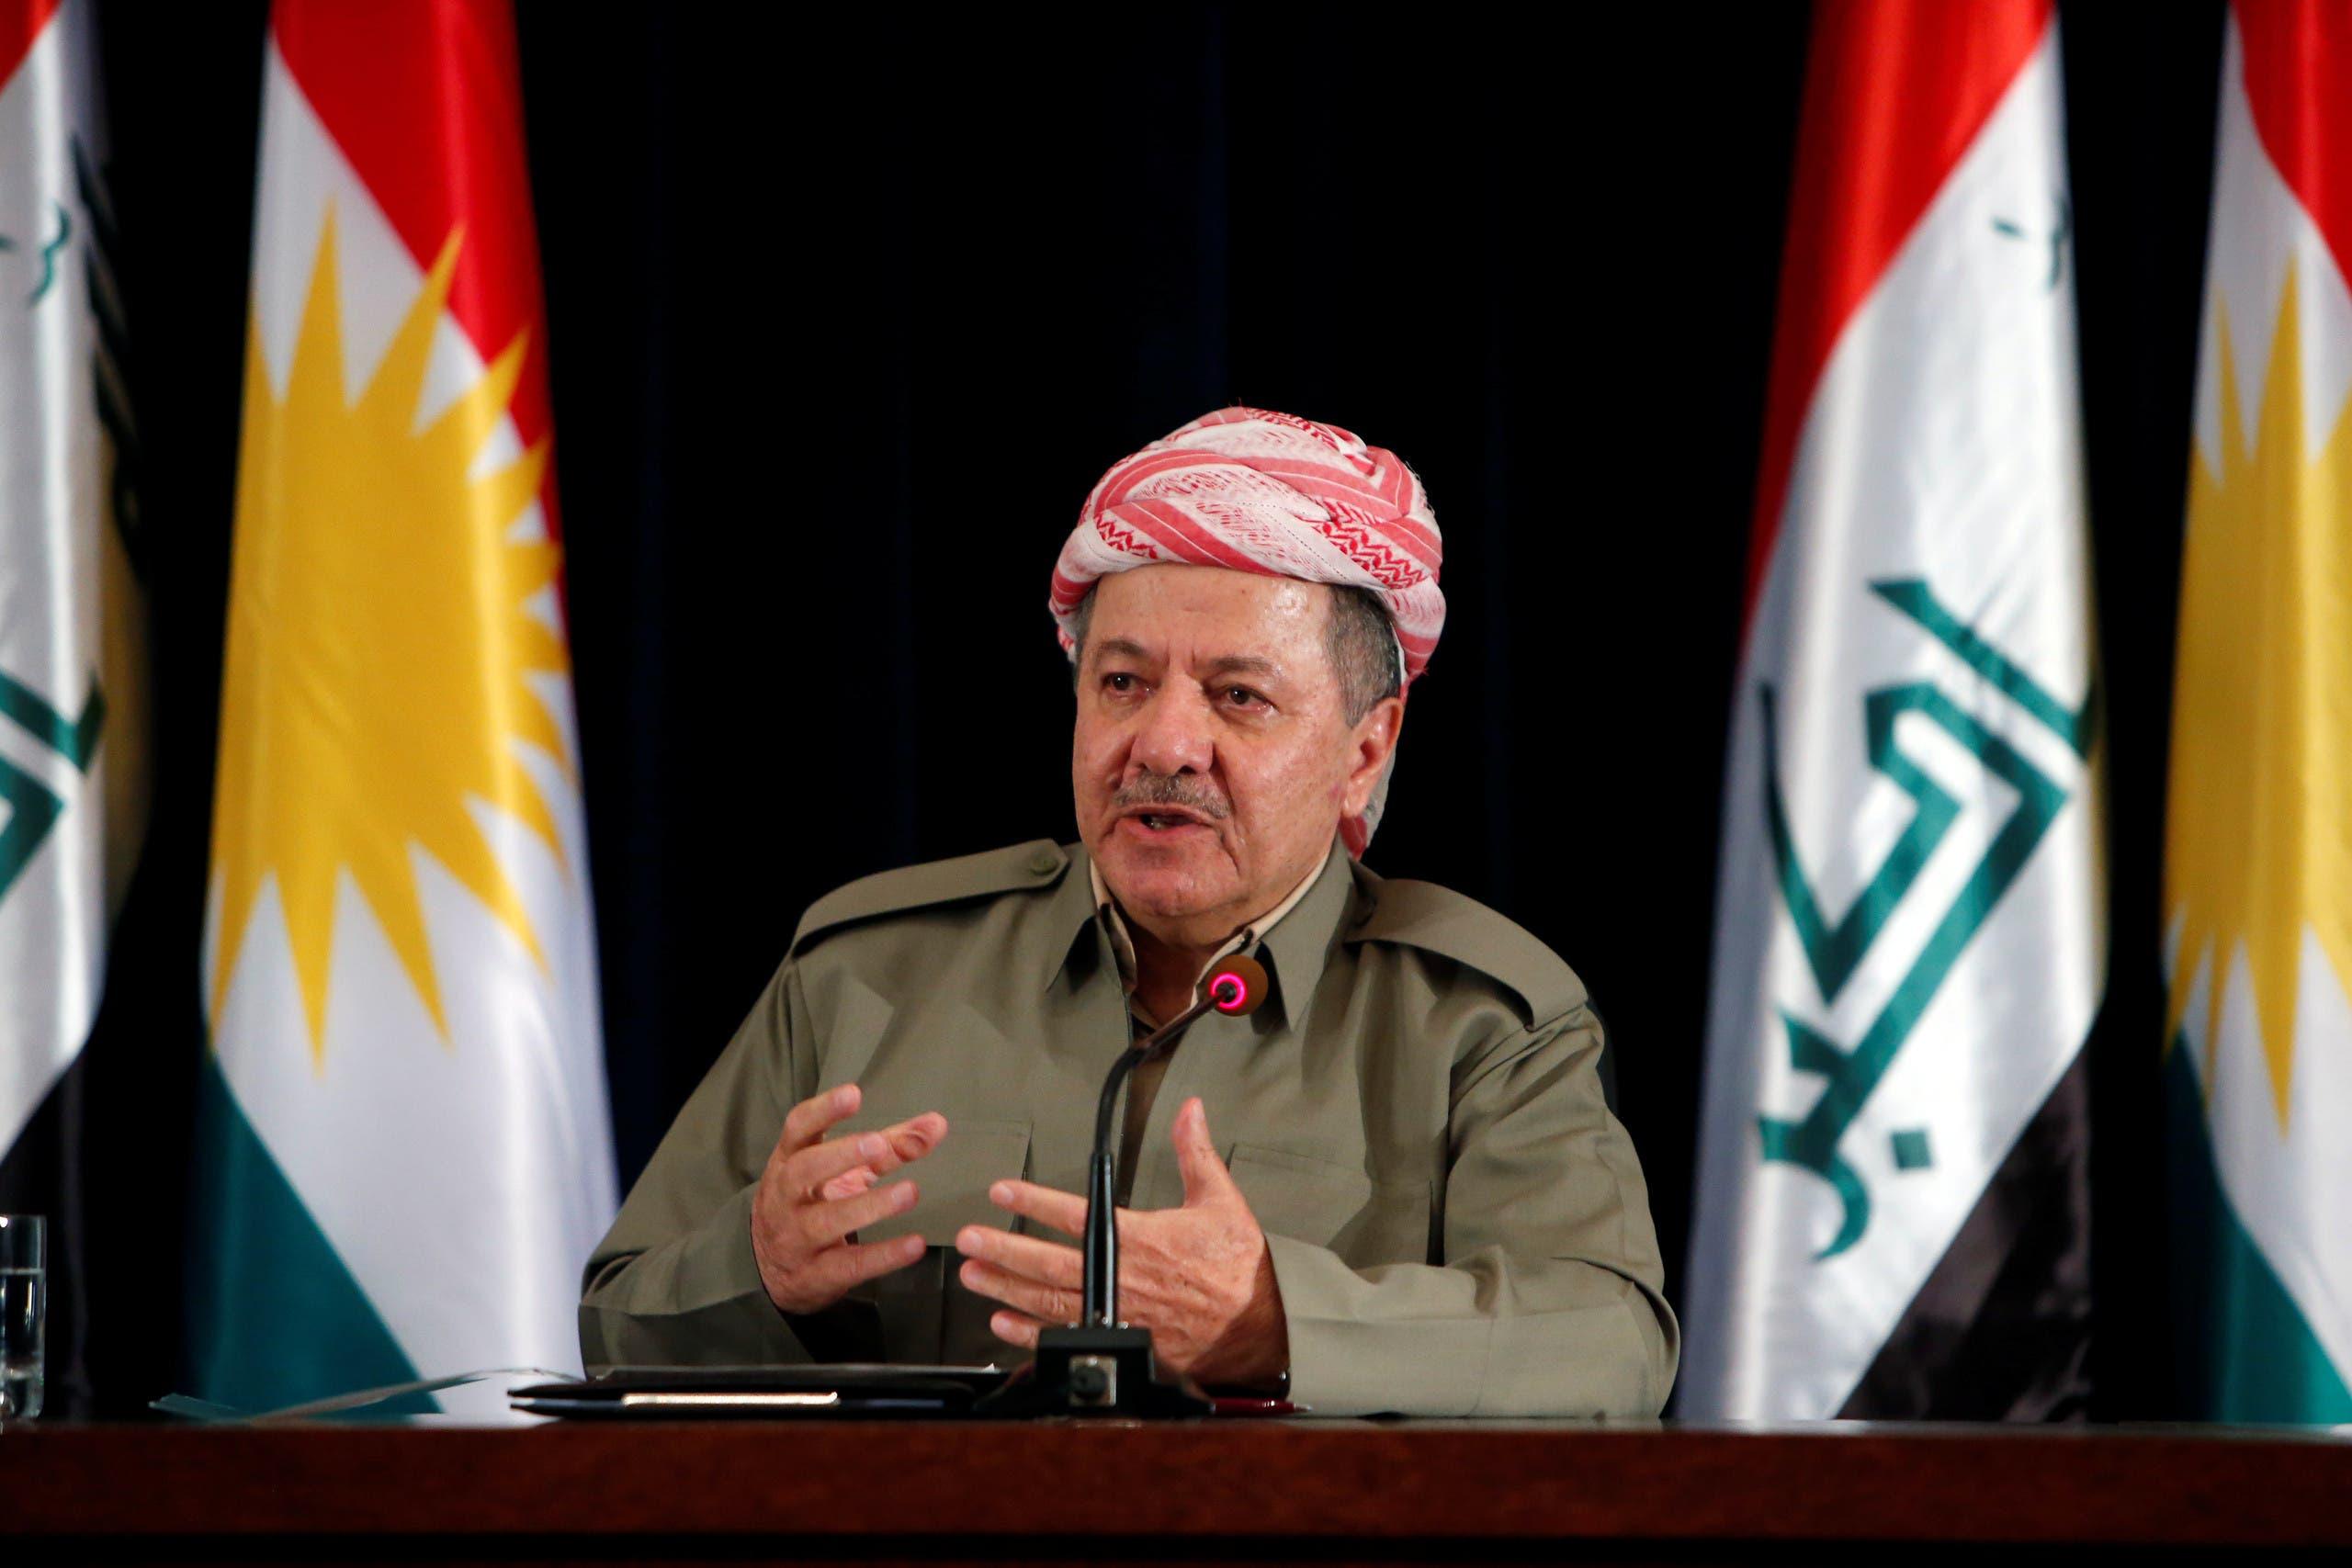 زعيم اقليم كردستان مسعود بارزاني